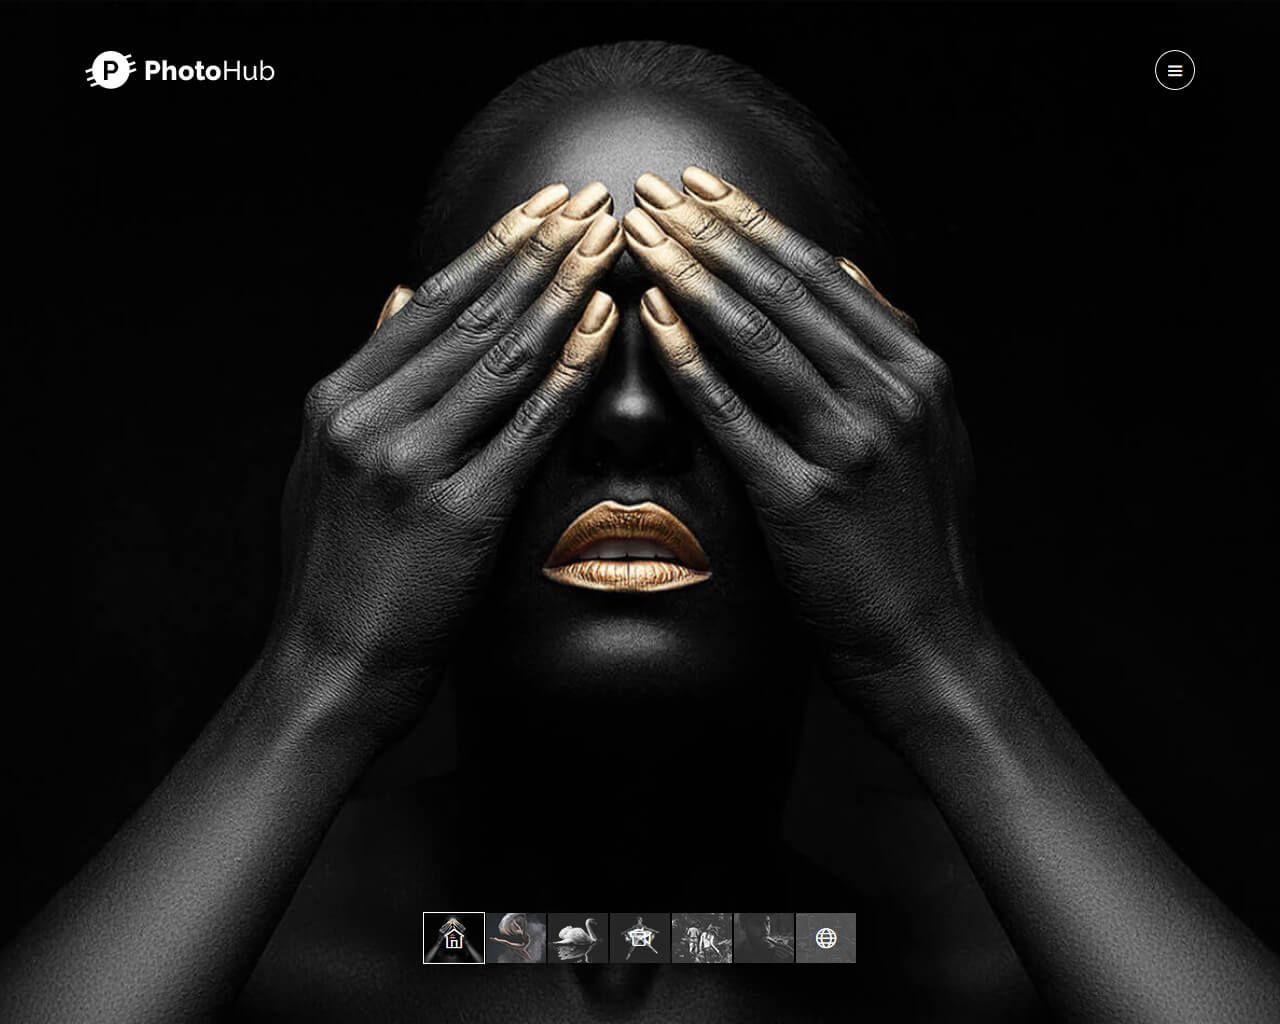 010 Sensational Website Template For Photographer Sample  Photographers Free Responsive Photography Php BestFull